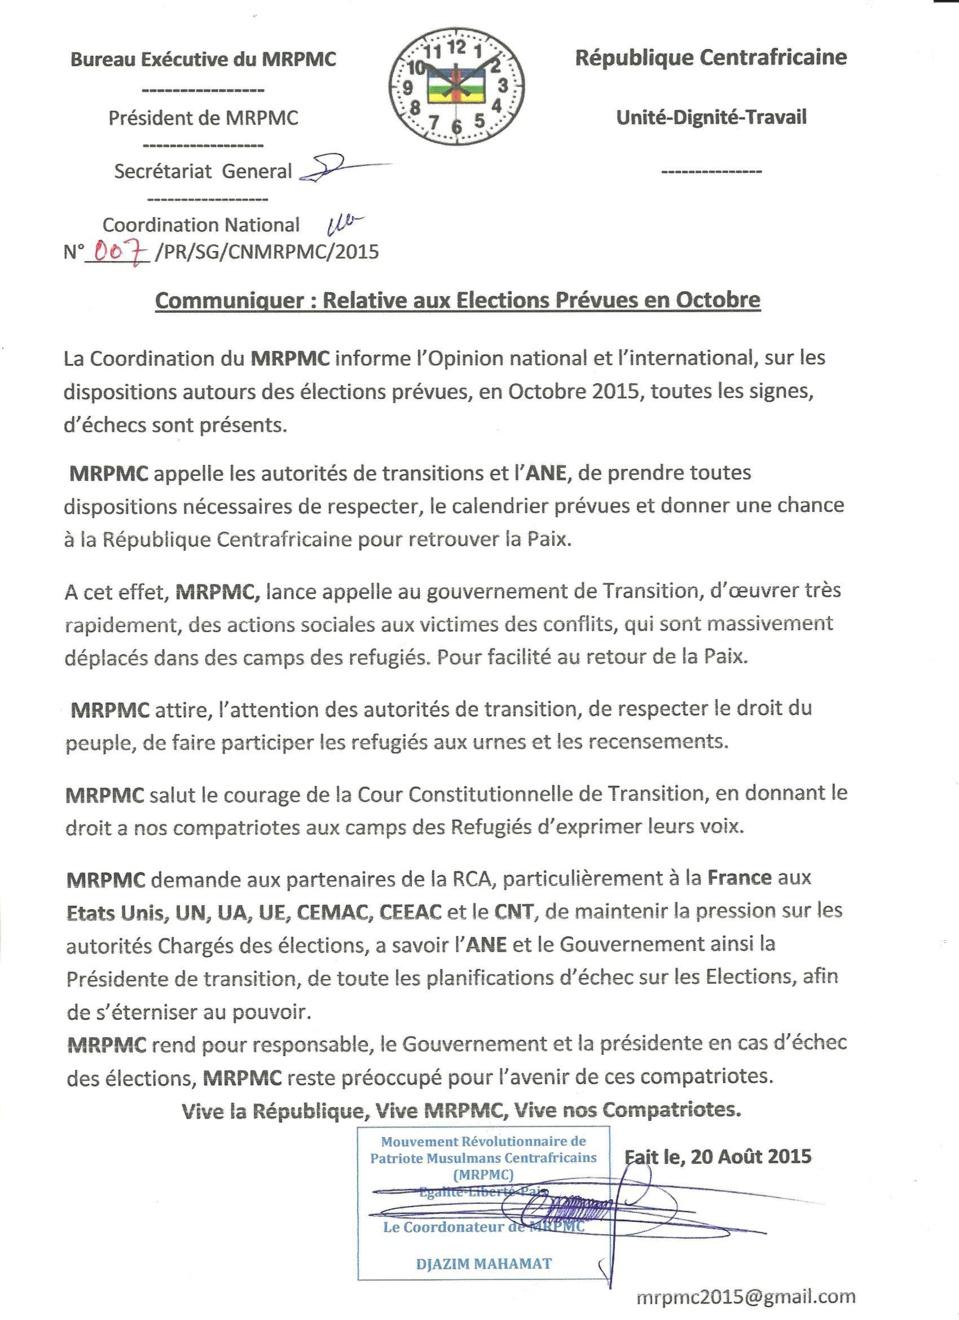 Centrafrique: Le MRPMC appelle le gouvernement à oeuvrer dans le social